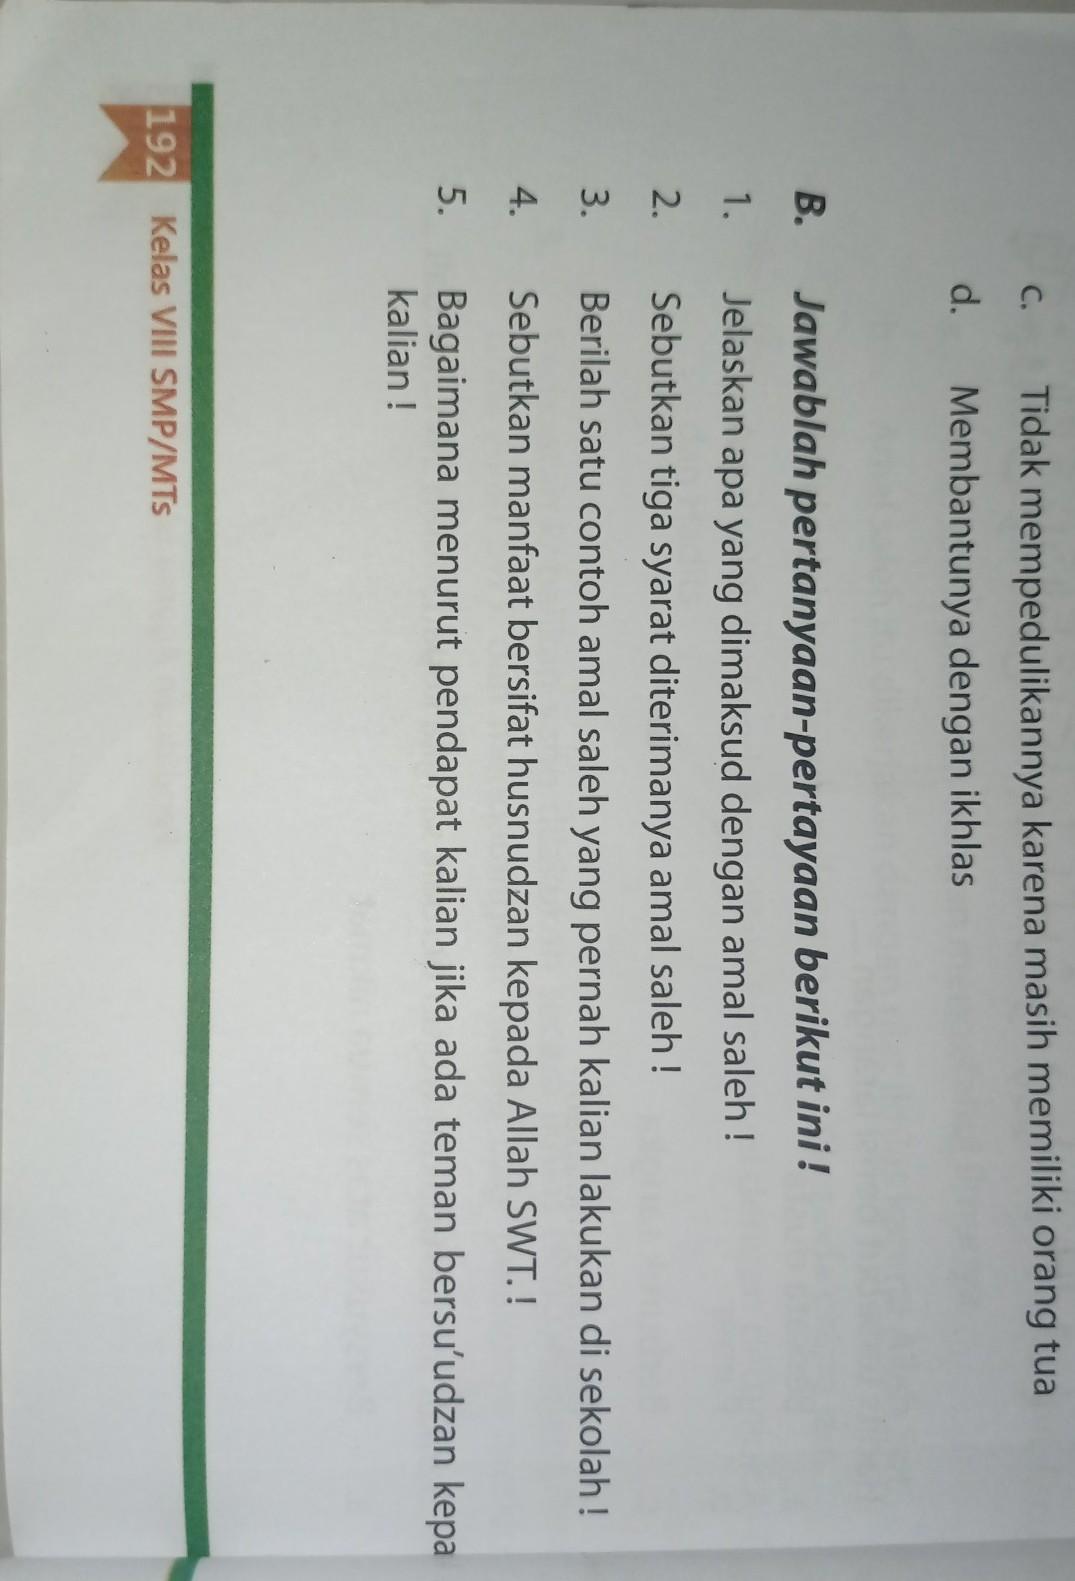 Jawaban Buku Paket Pendidikan Agama Islam Kelas 8 Halaman 192 Di Bagian B Brainly Co Id